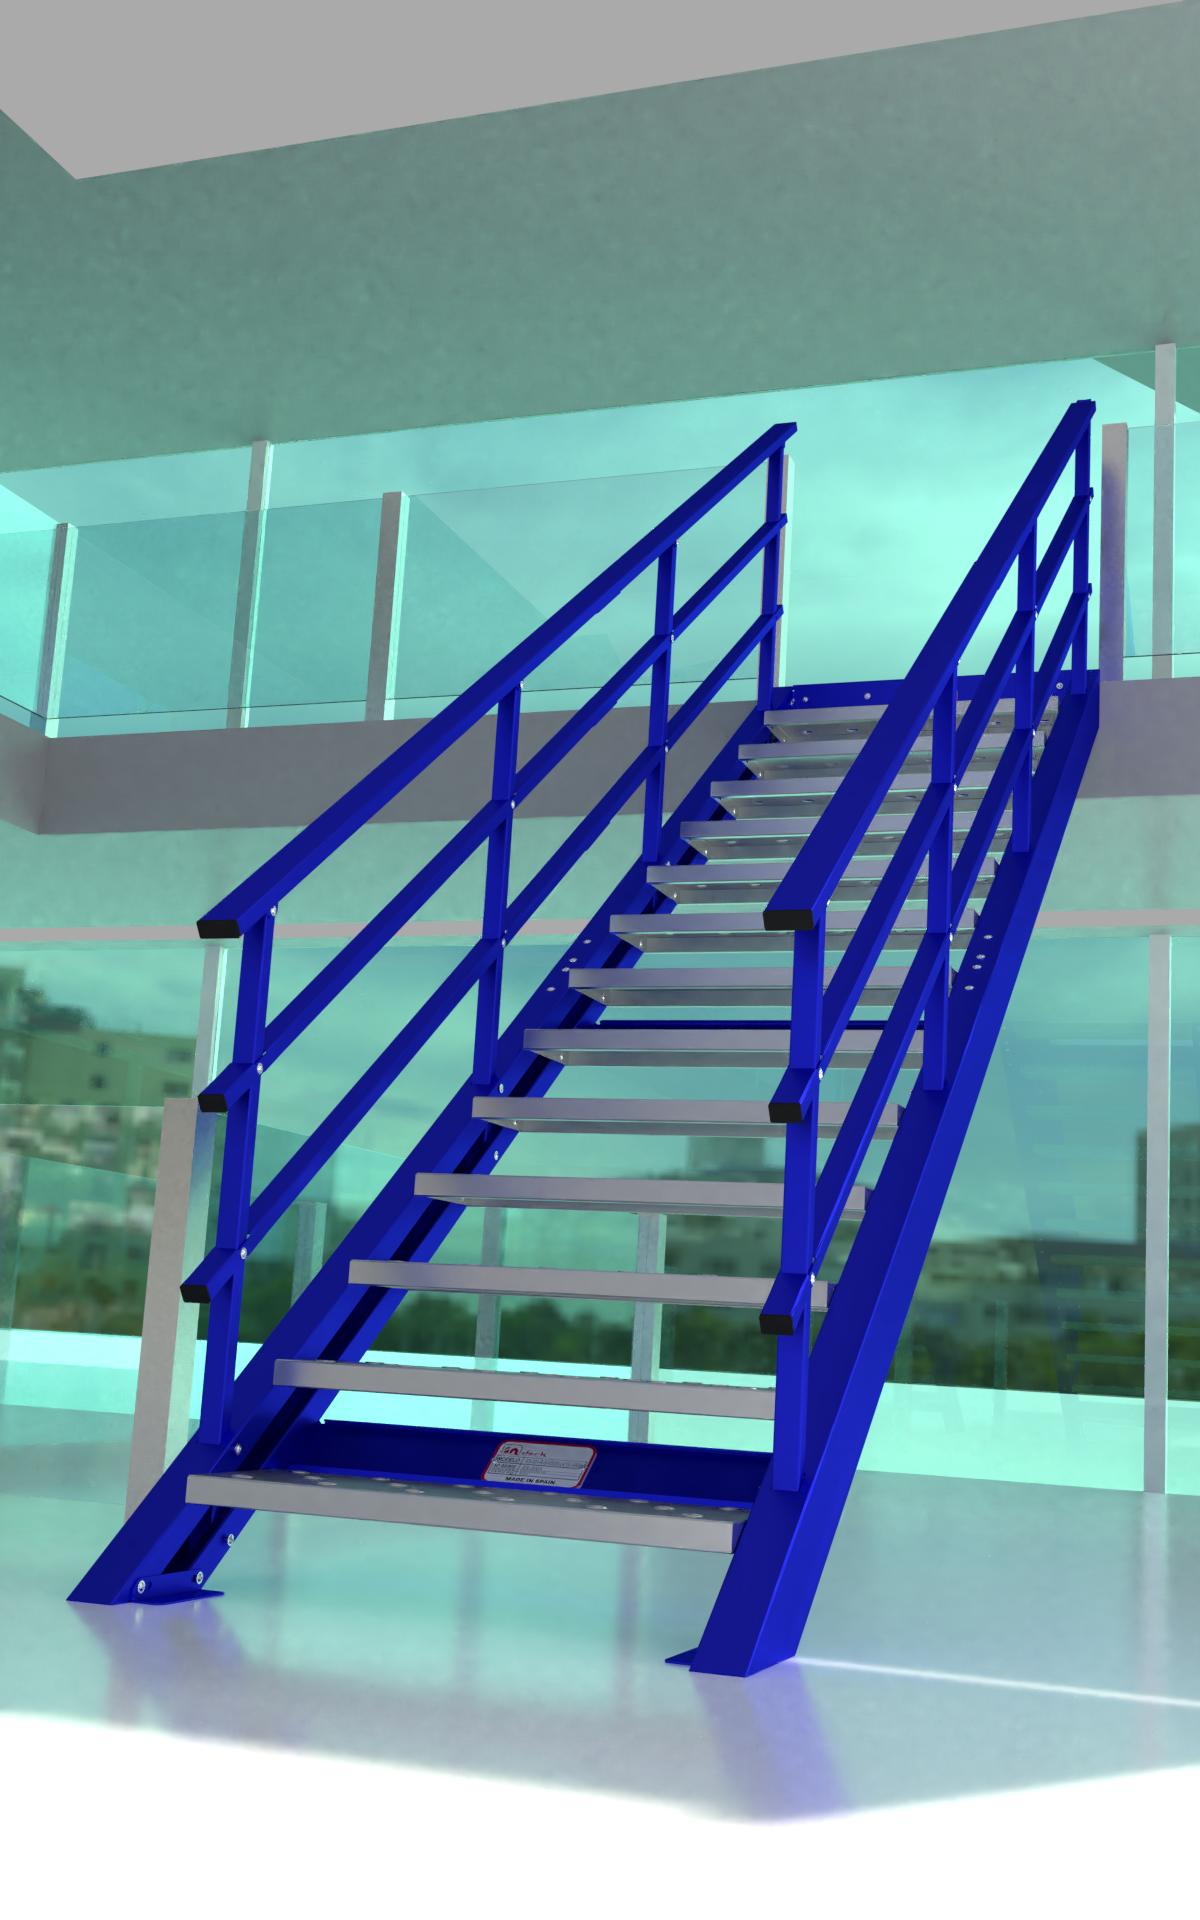 Escalera recta azul